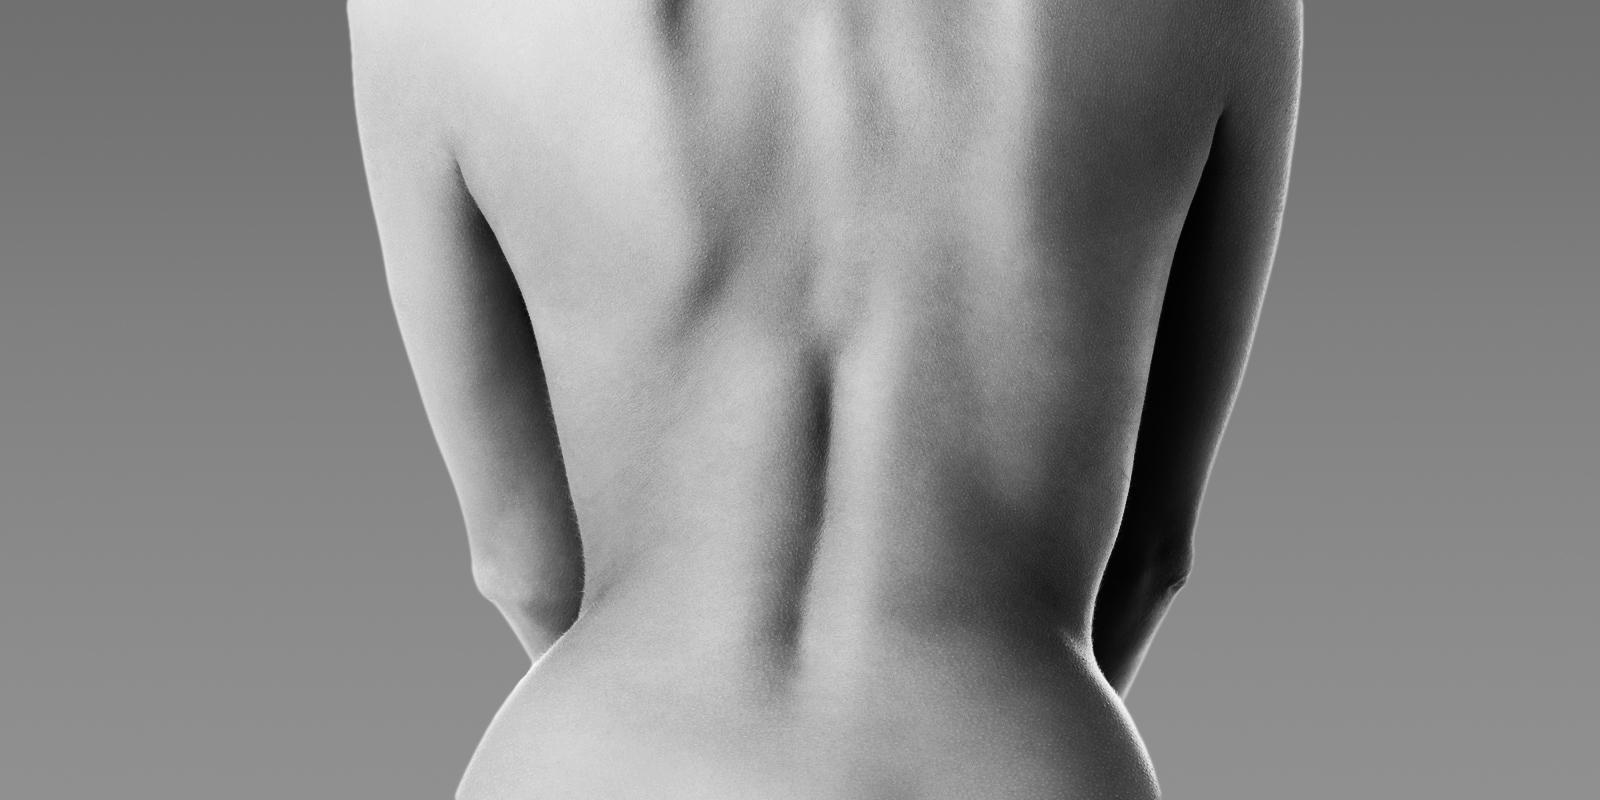 Transferência de gordura